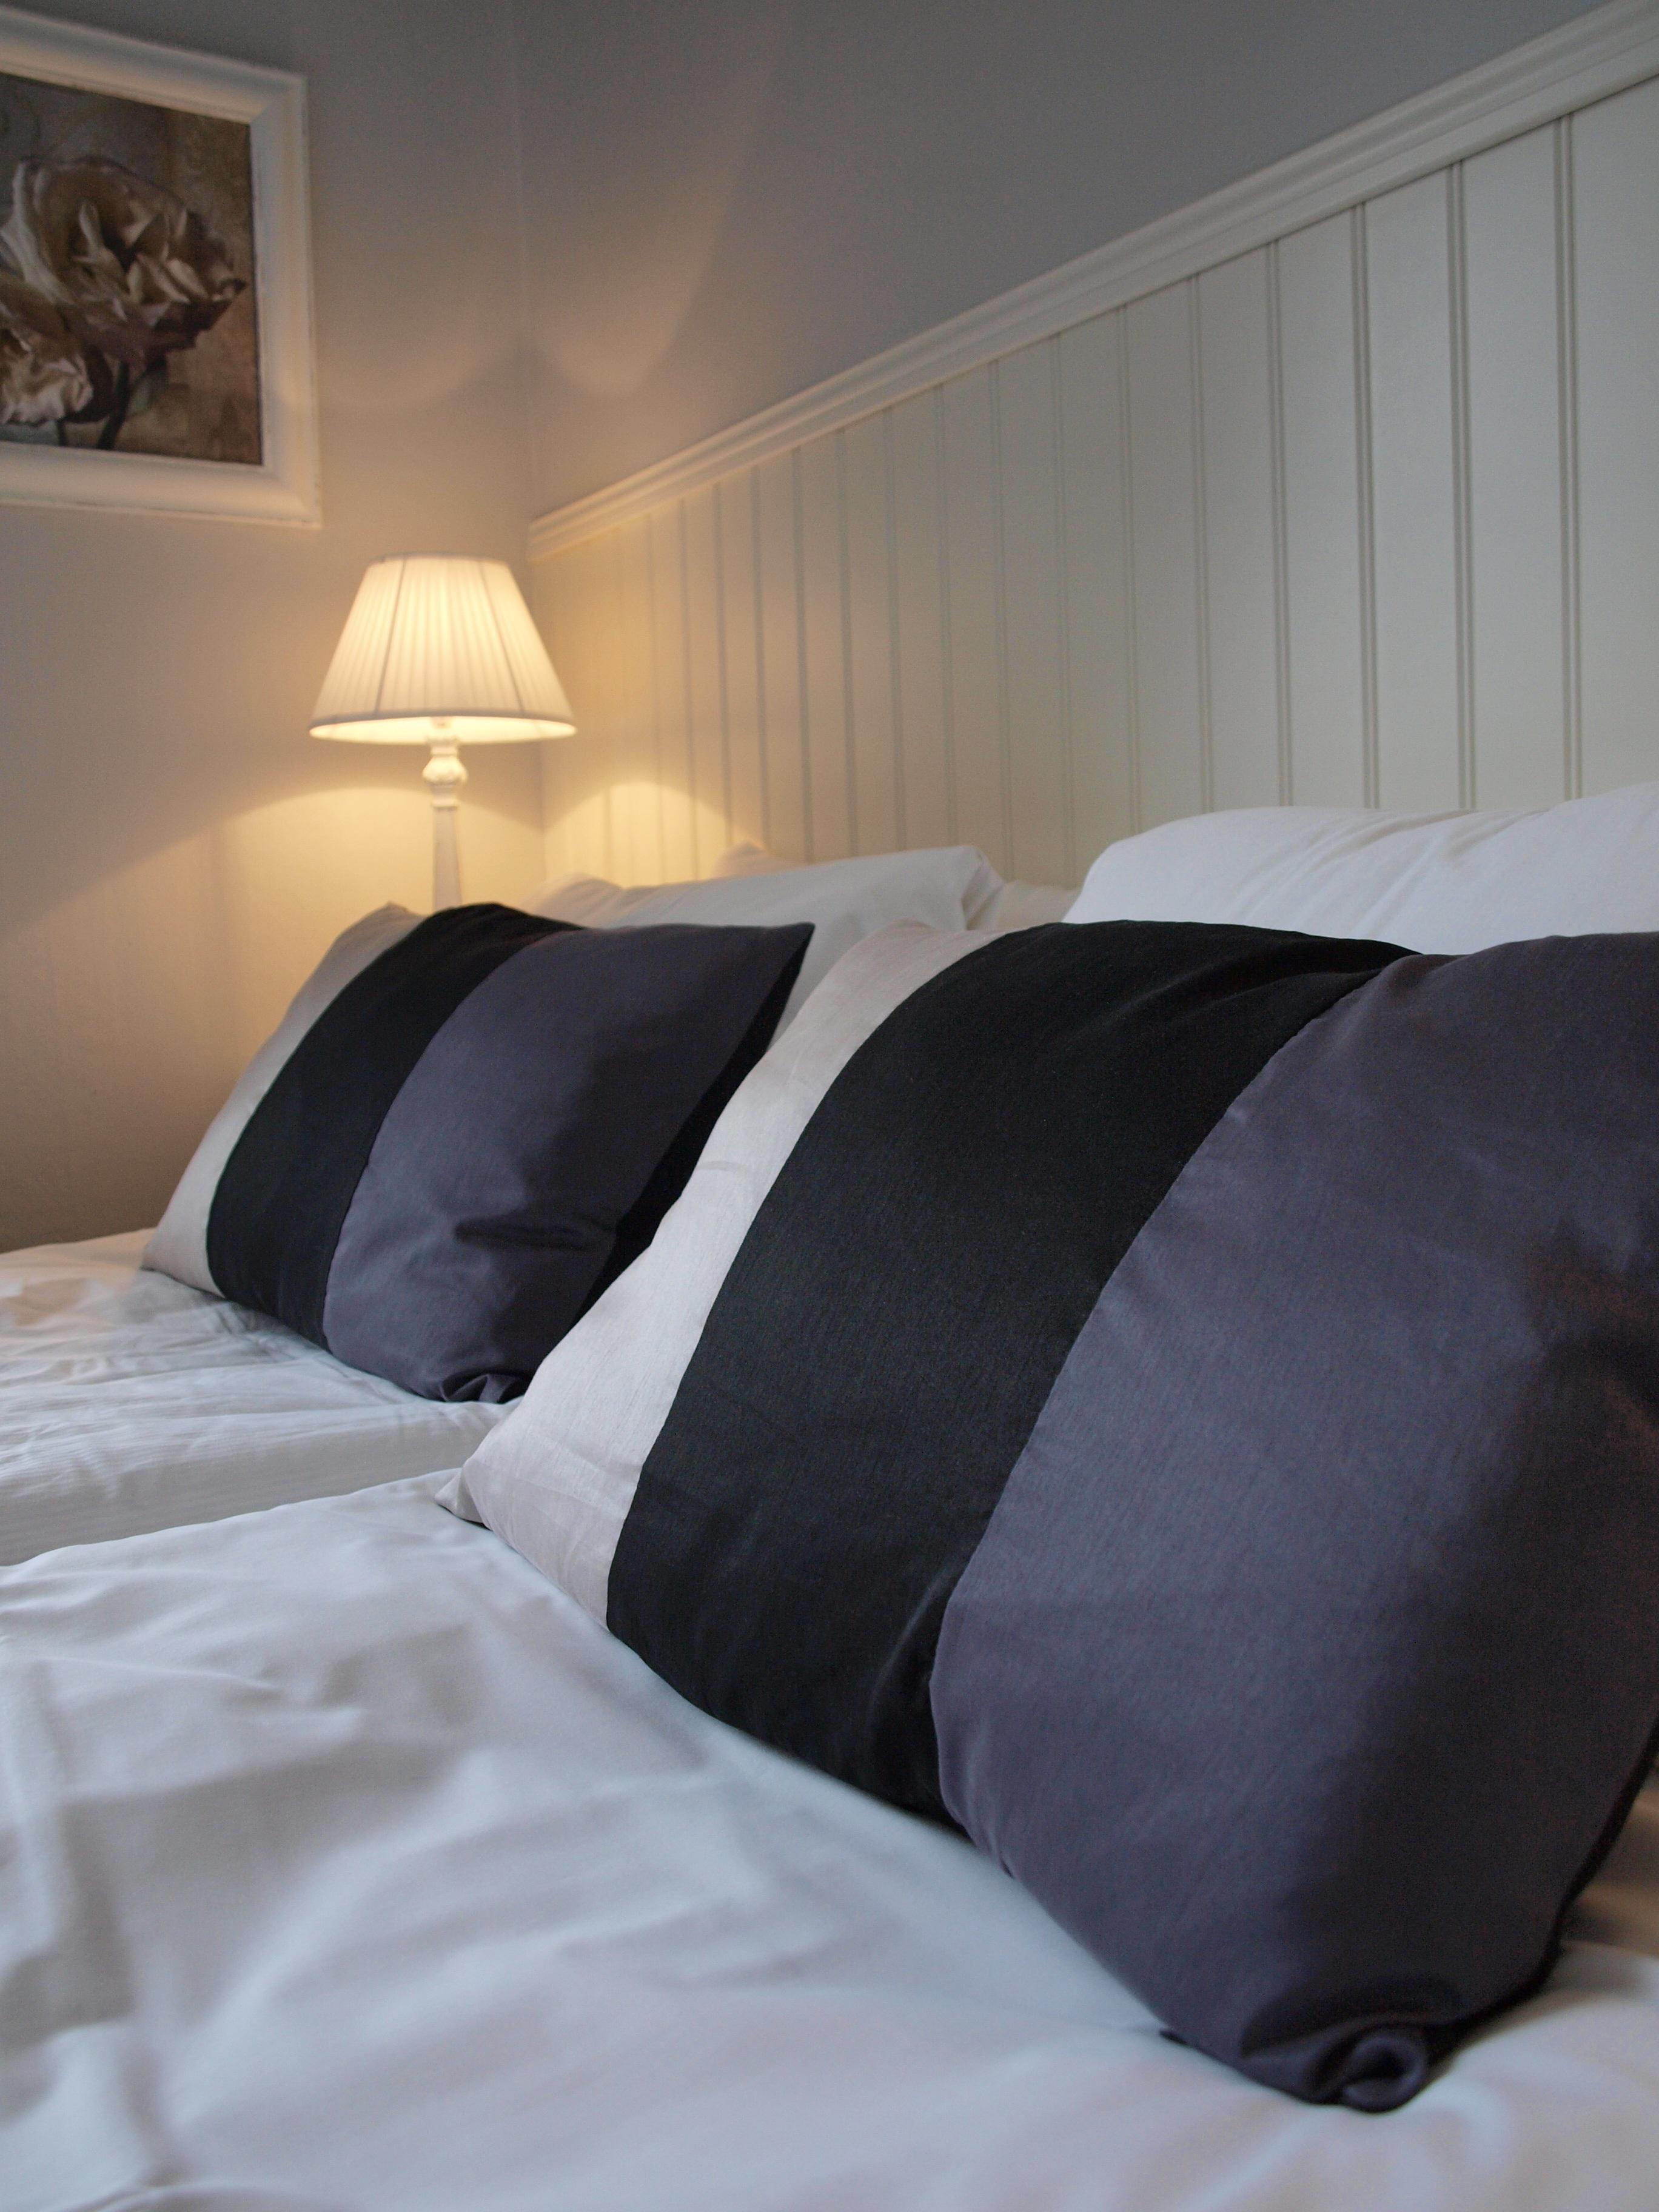 무료 이미지 : 재산, 가구, 방, 침실, 인테리어 디자인, 생성물 ...